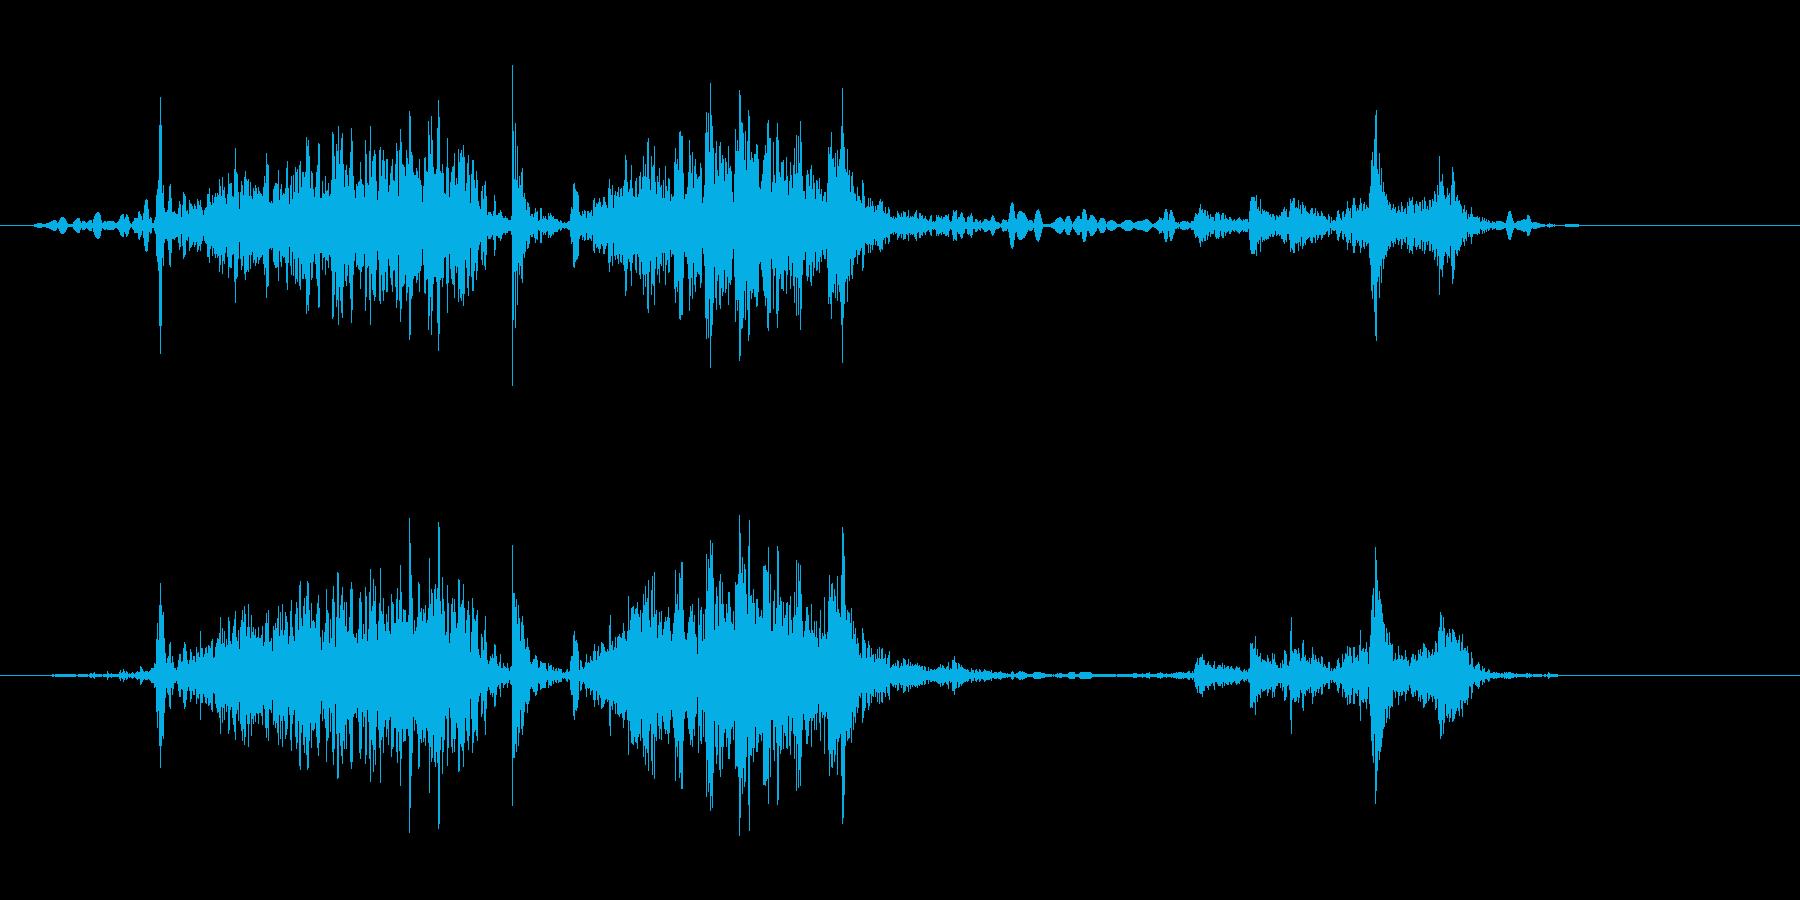 ミシンで少し縫う音(ウィーン、ガチャ)の再生済みの波形